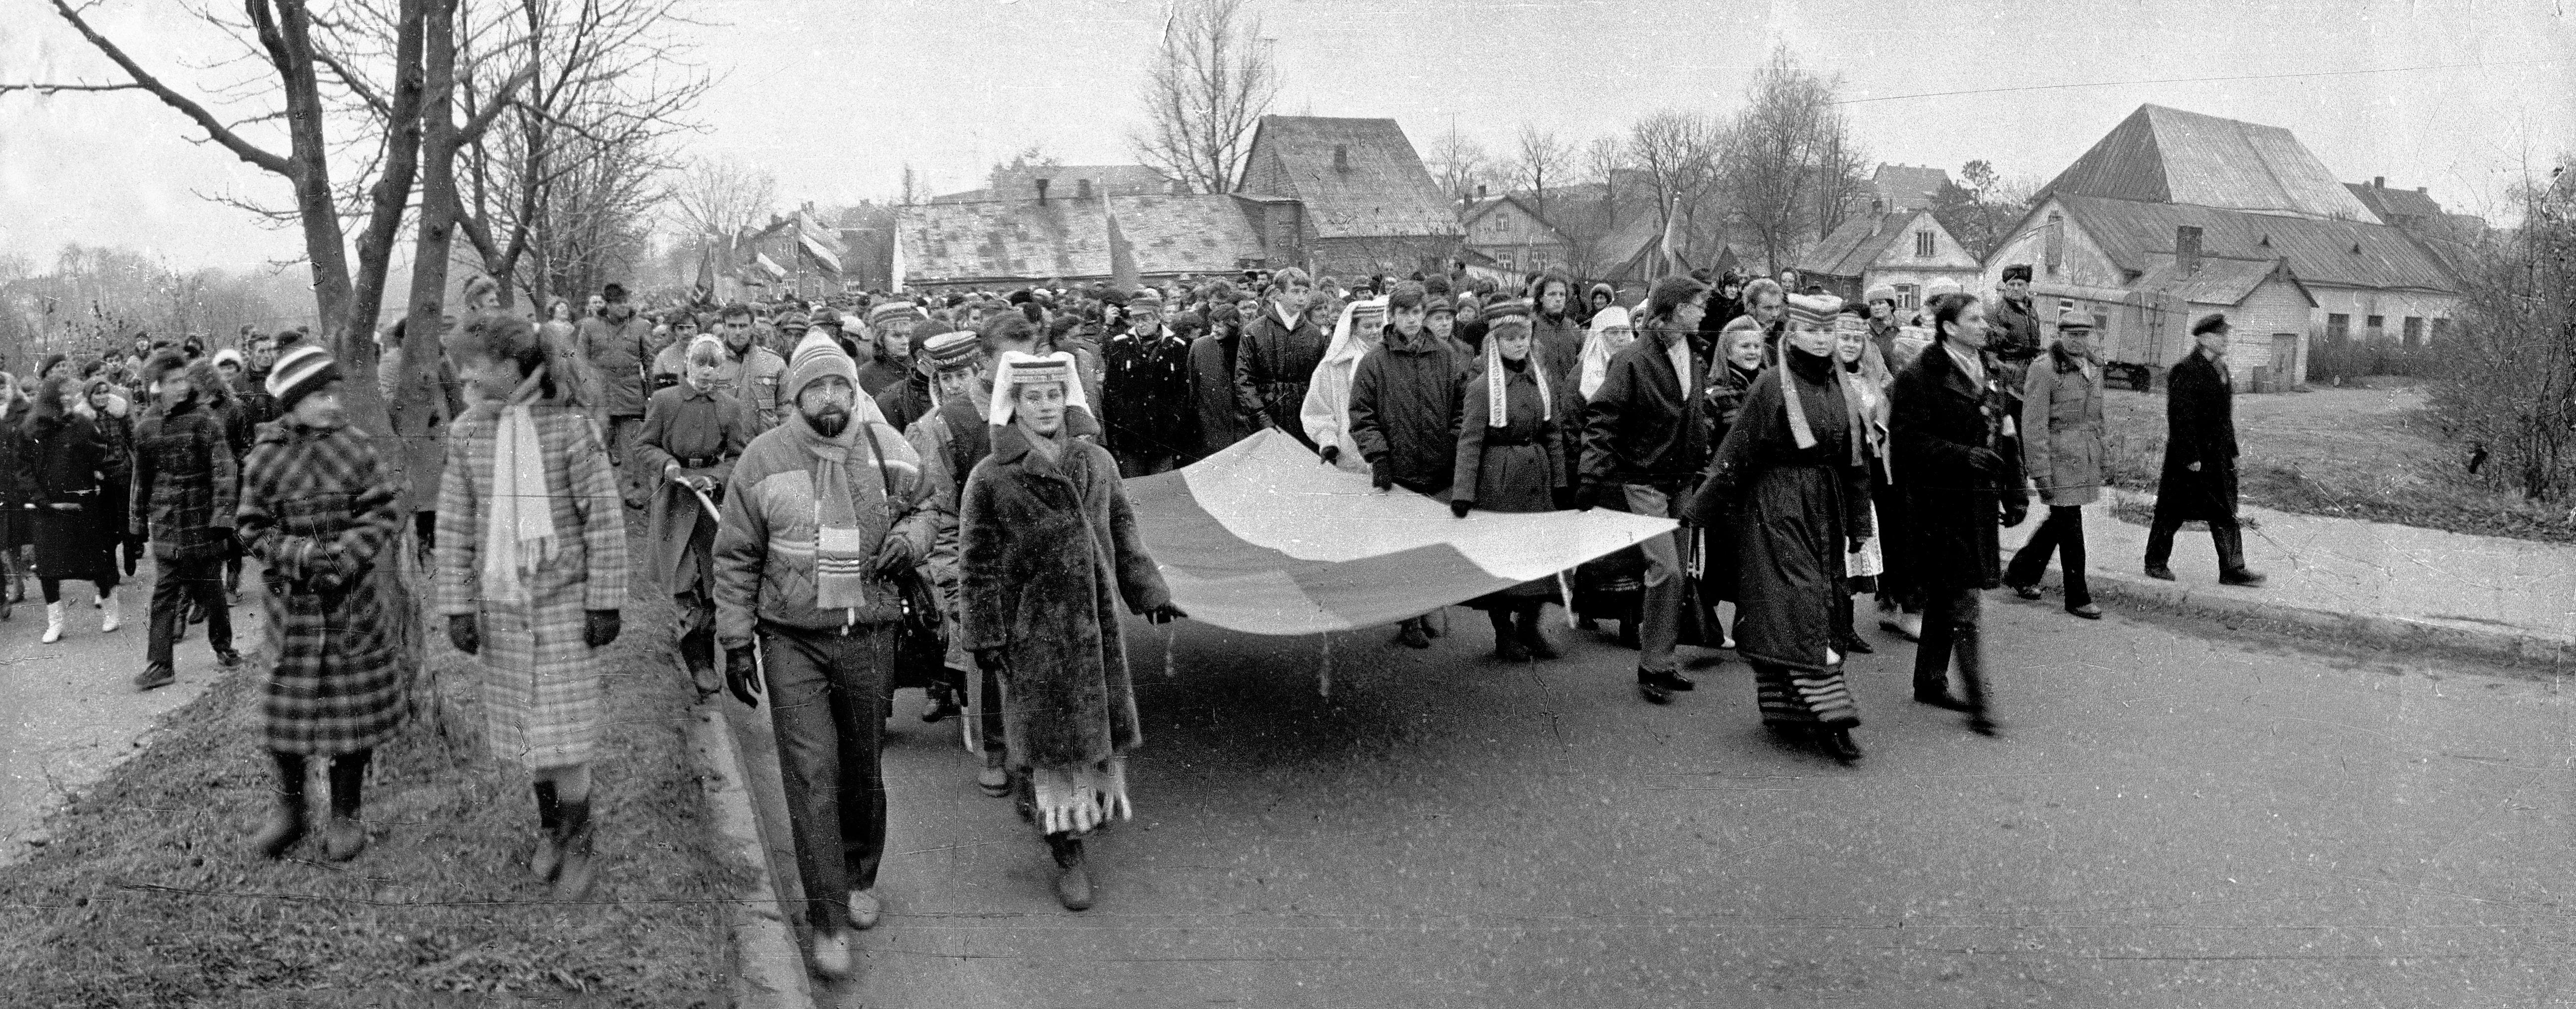 Tautinė vėliava nešama šventinti į Šv. Jurgio bažnyčią. Petro Januševičiaus nuotrauka, 1988 lapkričio 6 d.